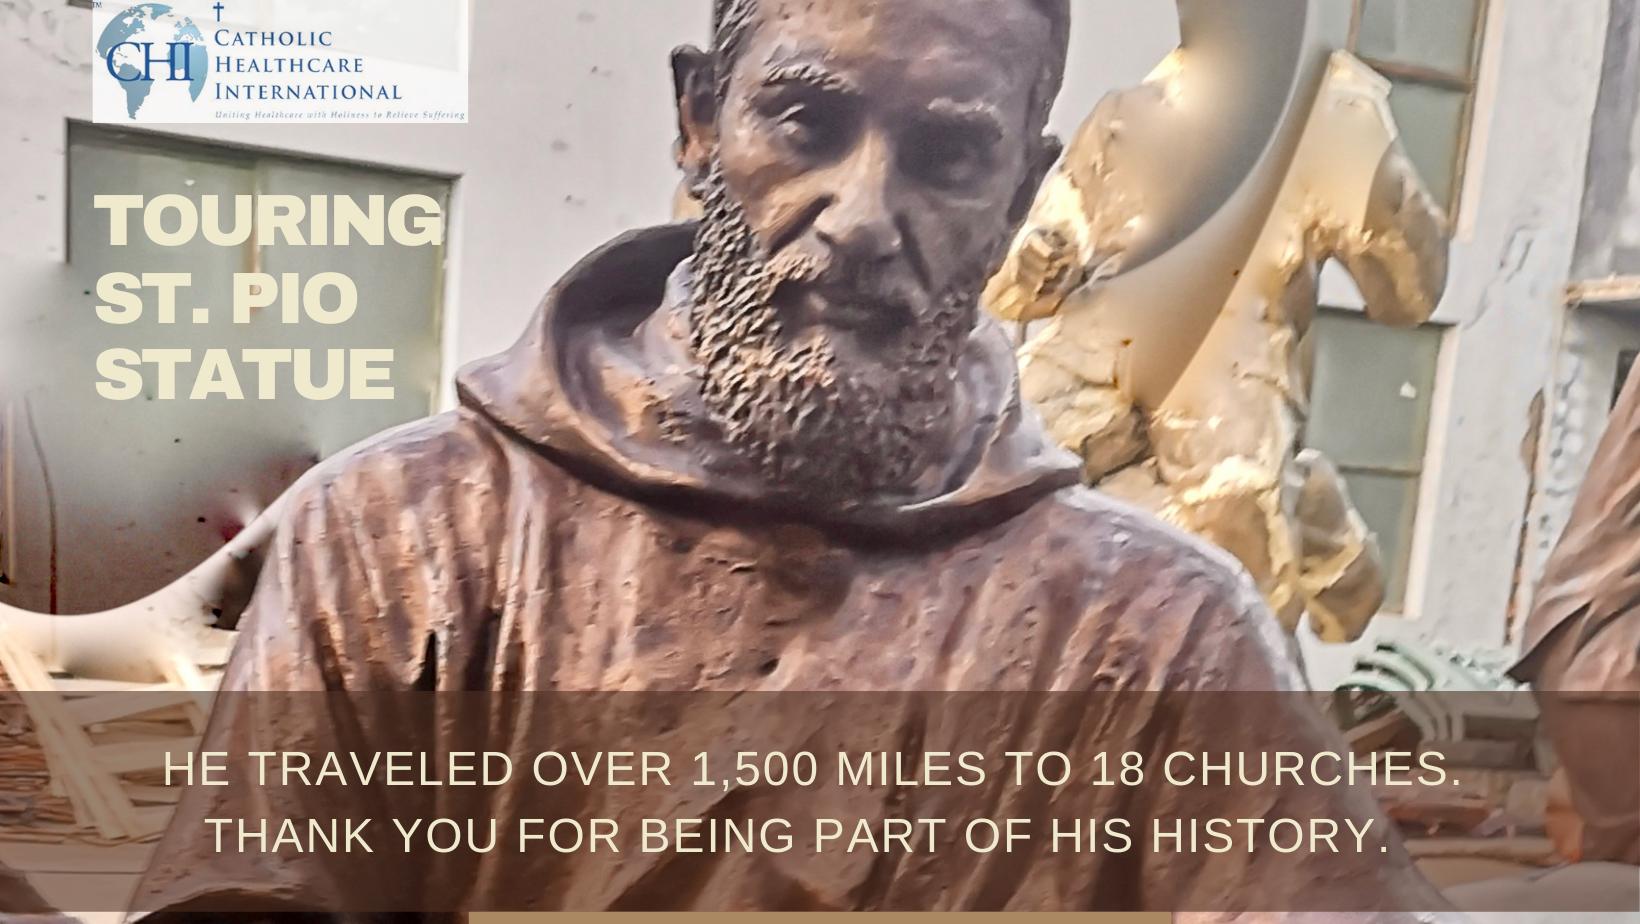 St Pio Statue 1500 miles 18